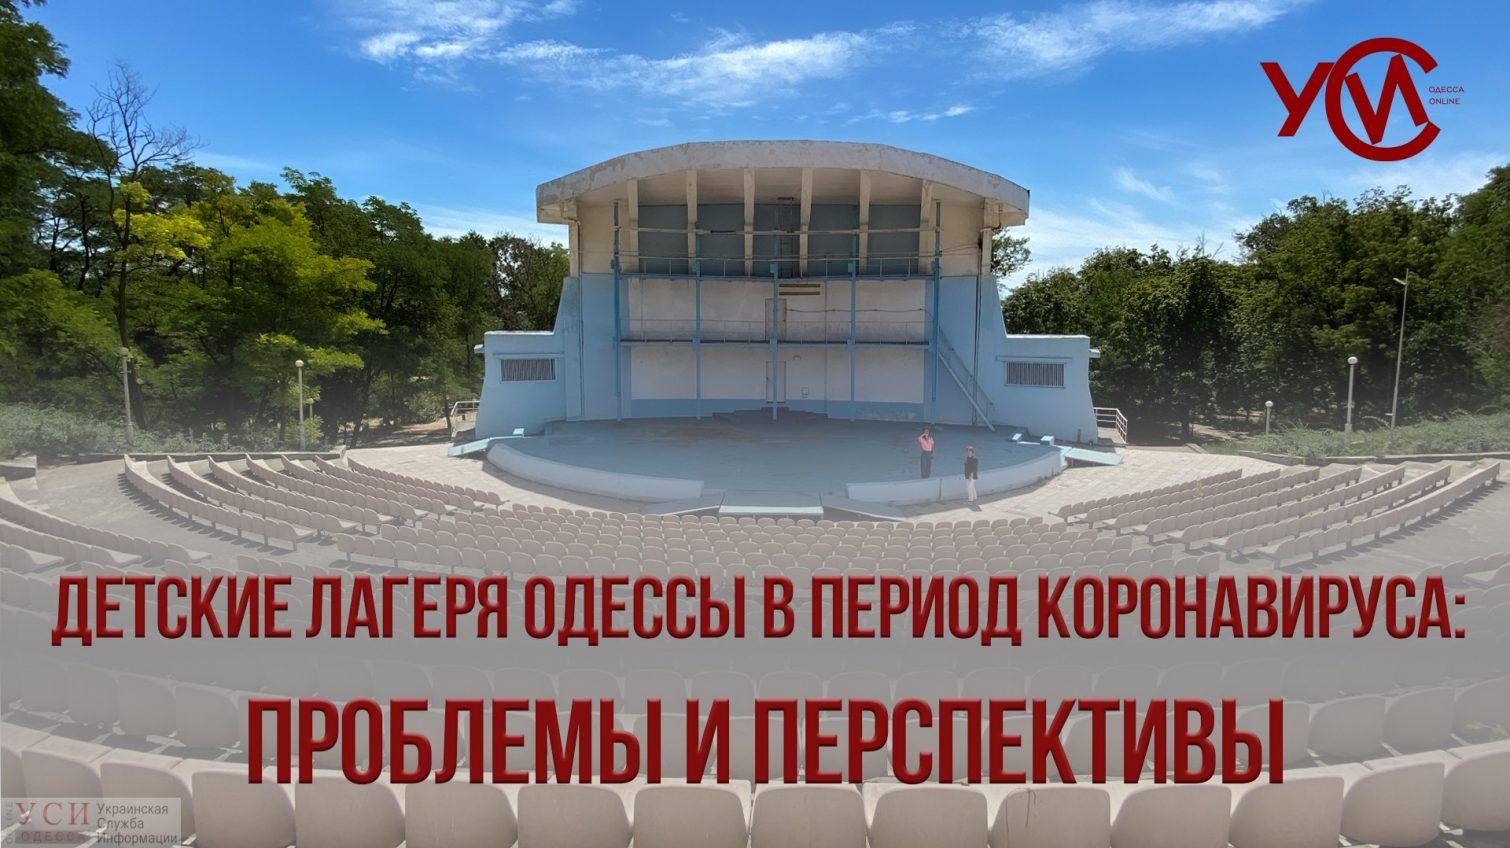 Детские лагеря Одессы в период коронавируса: угроза банкротства и надежды на новый сезон «фото»